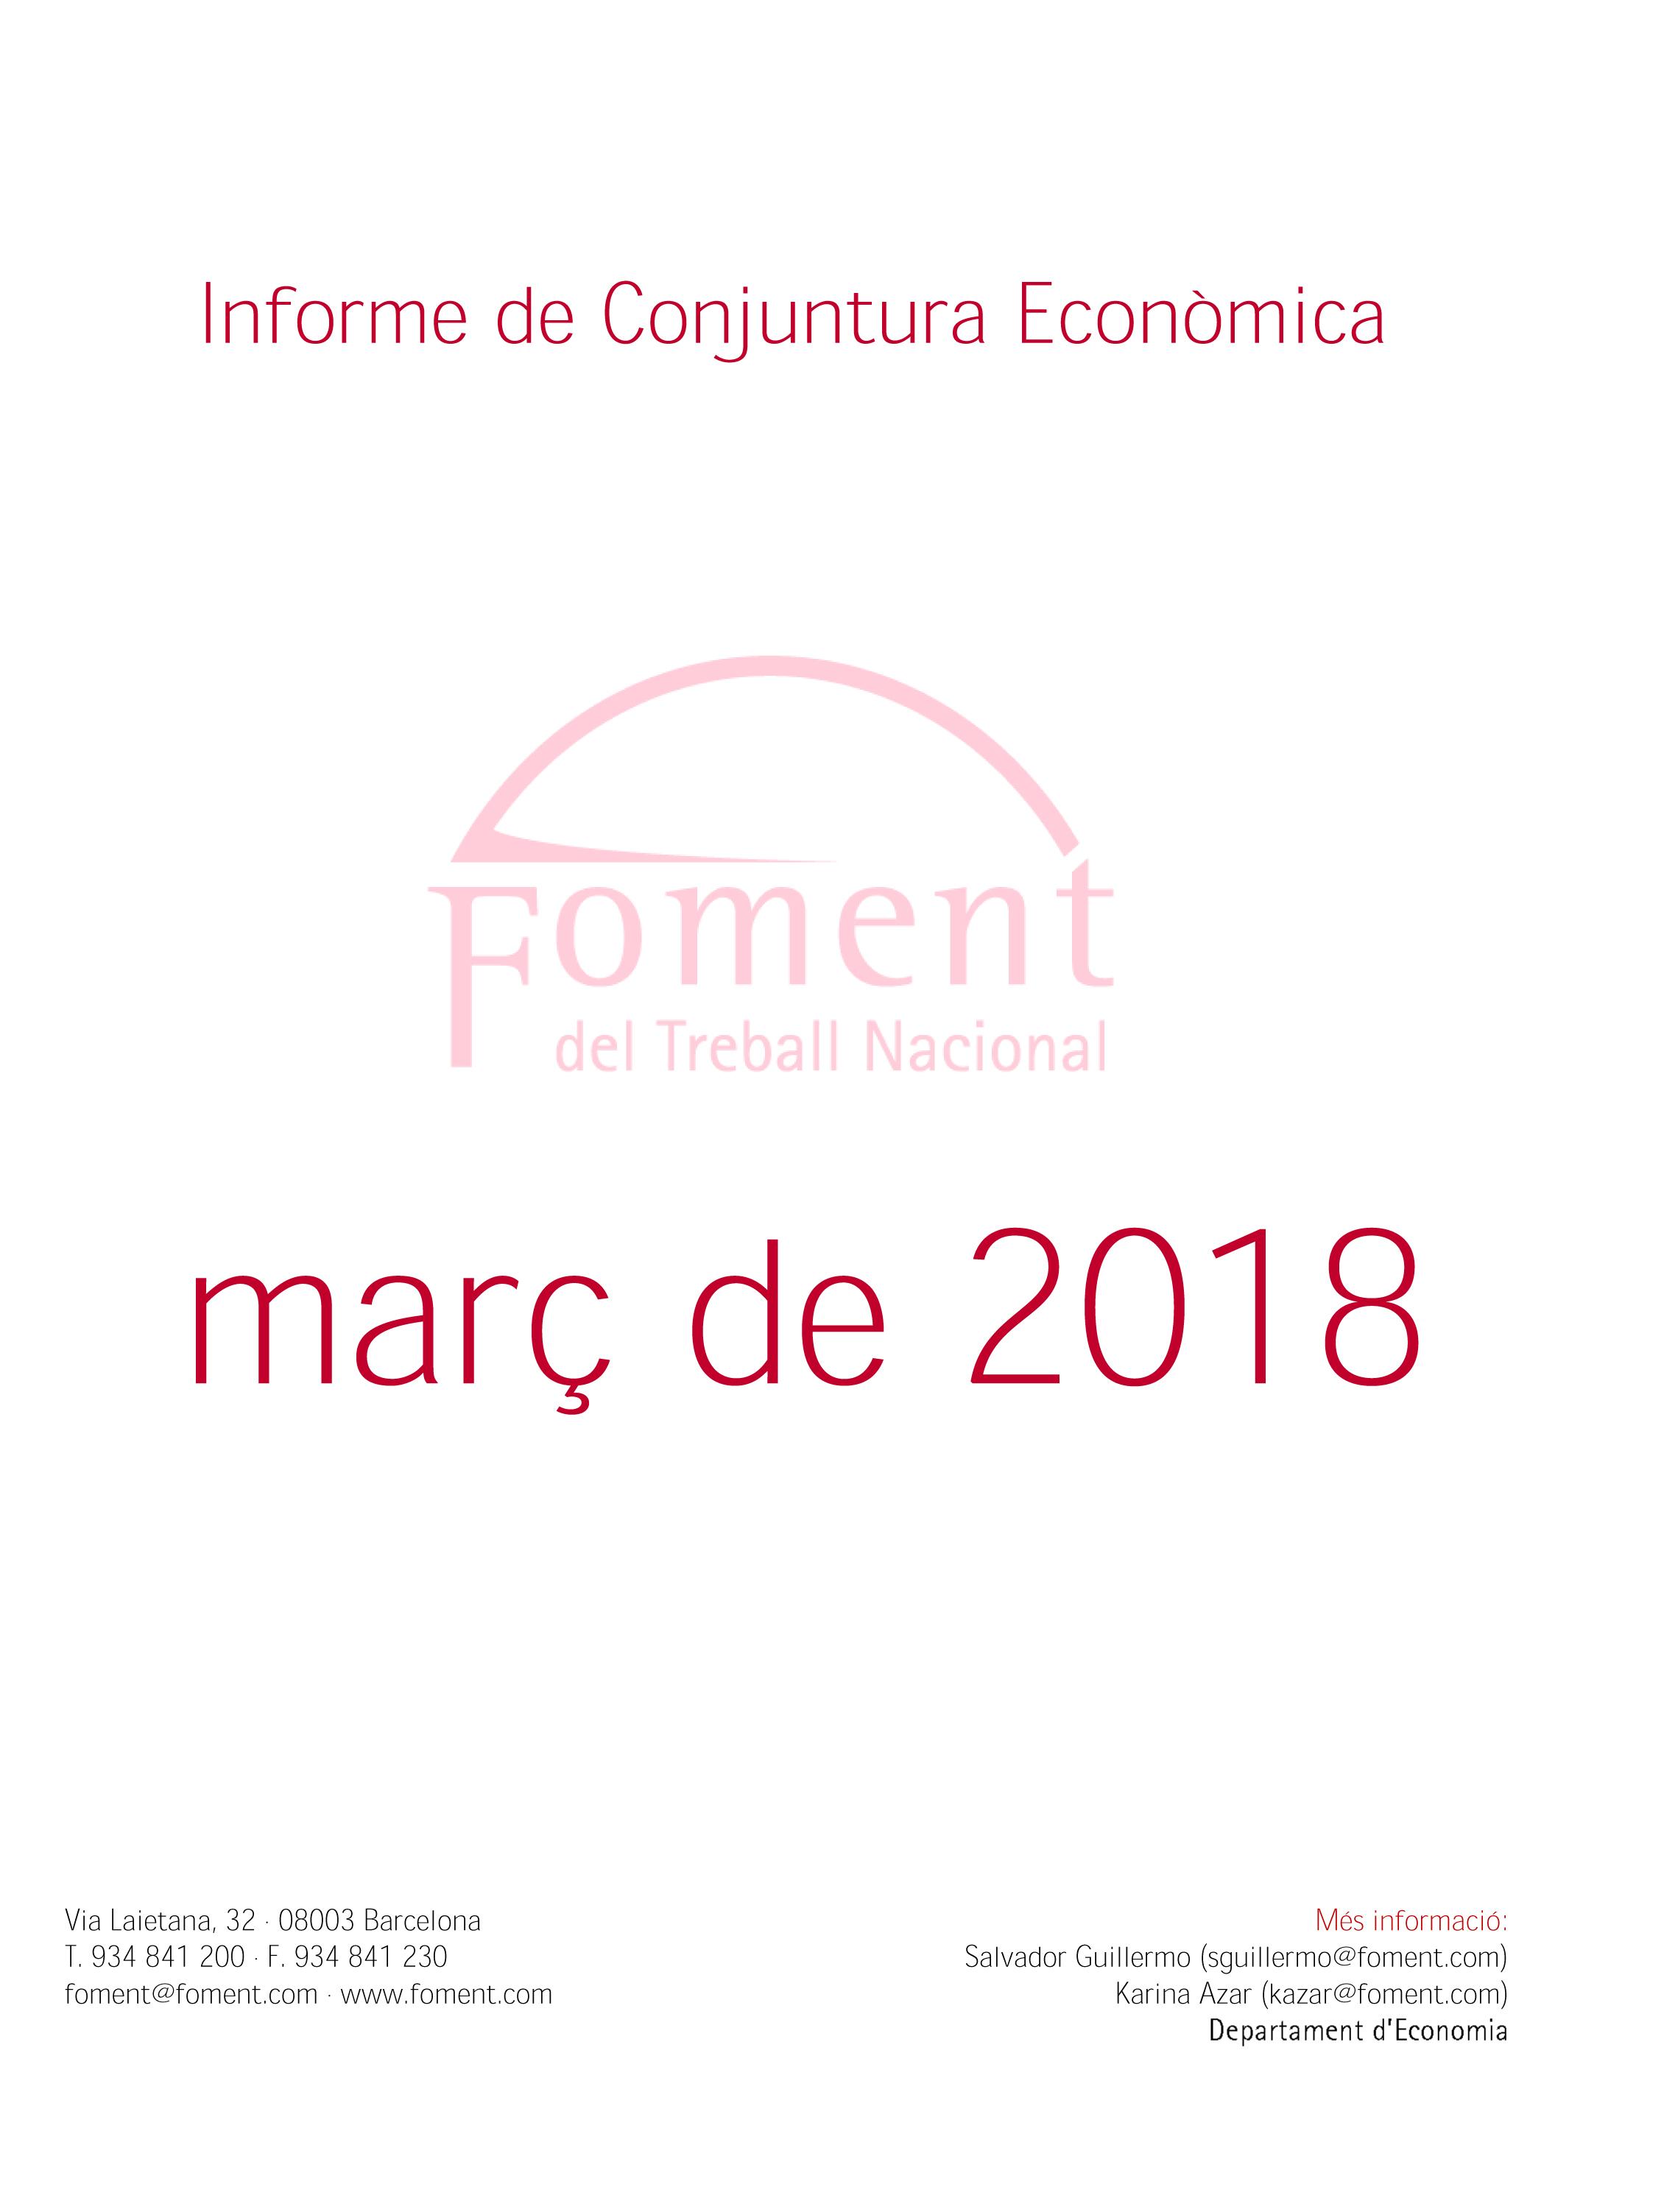 Informe de Conjuntura Econòmica a Catalunya. Març de 2018